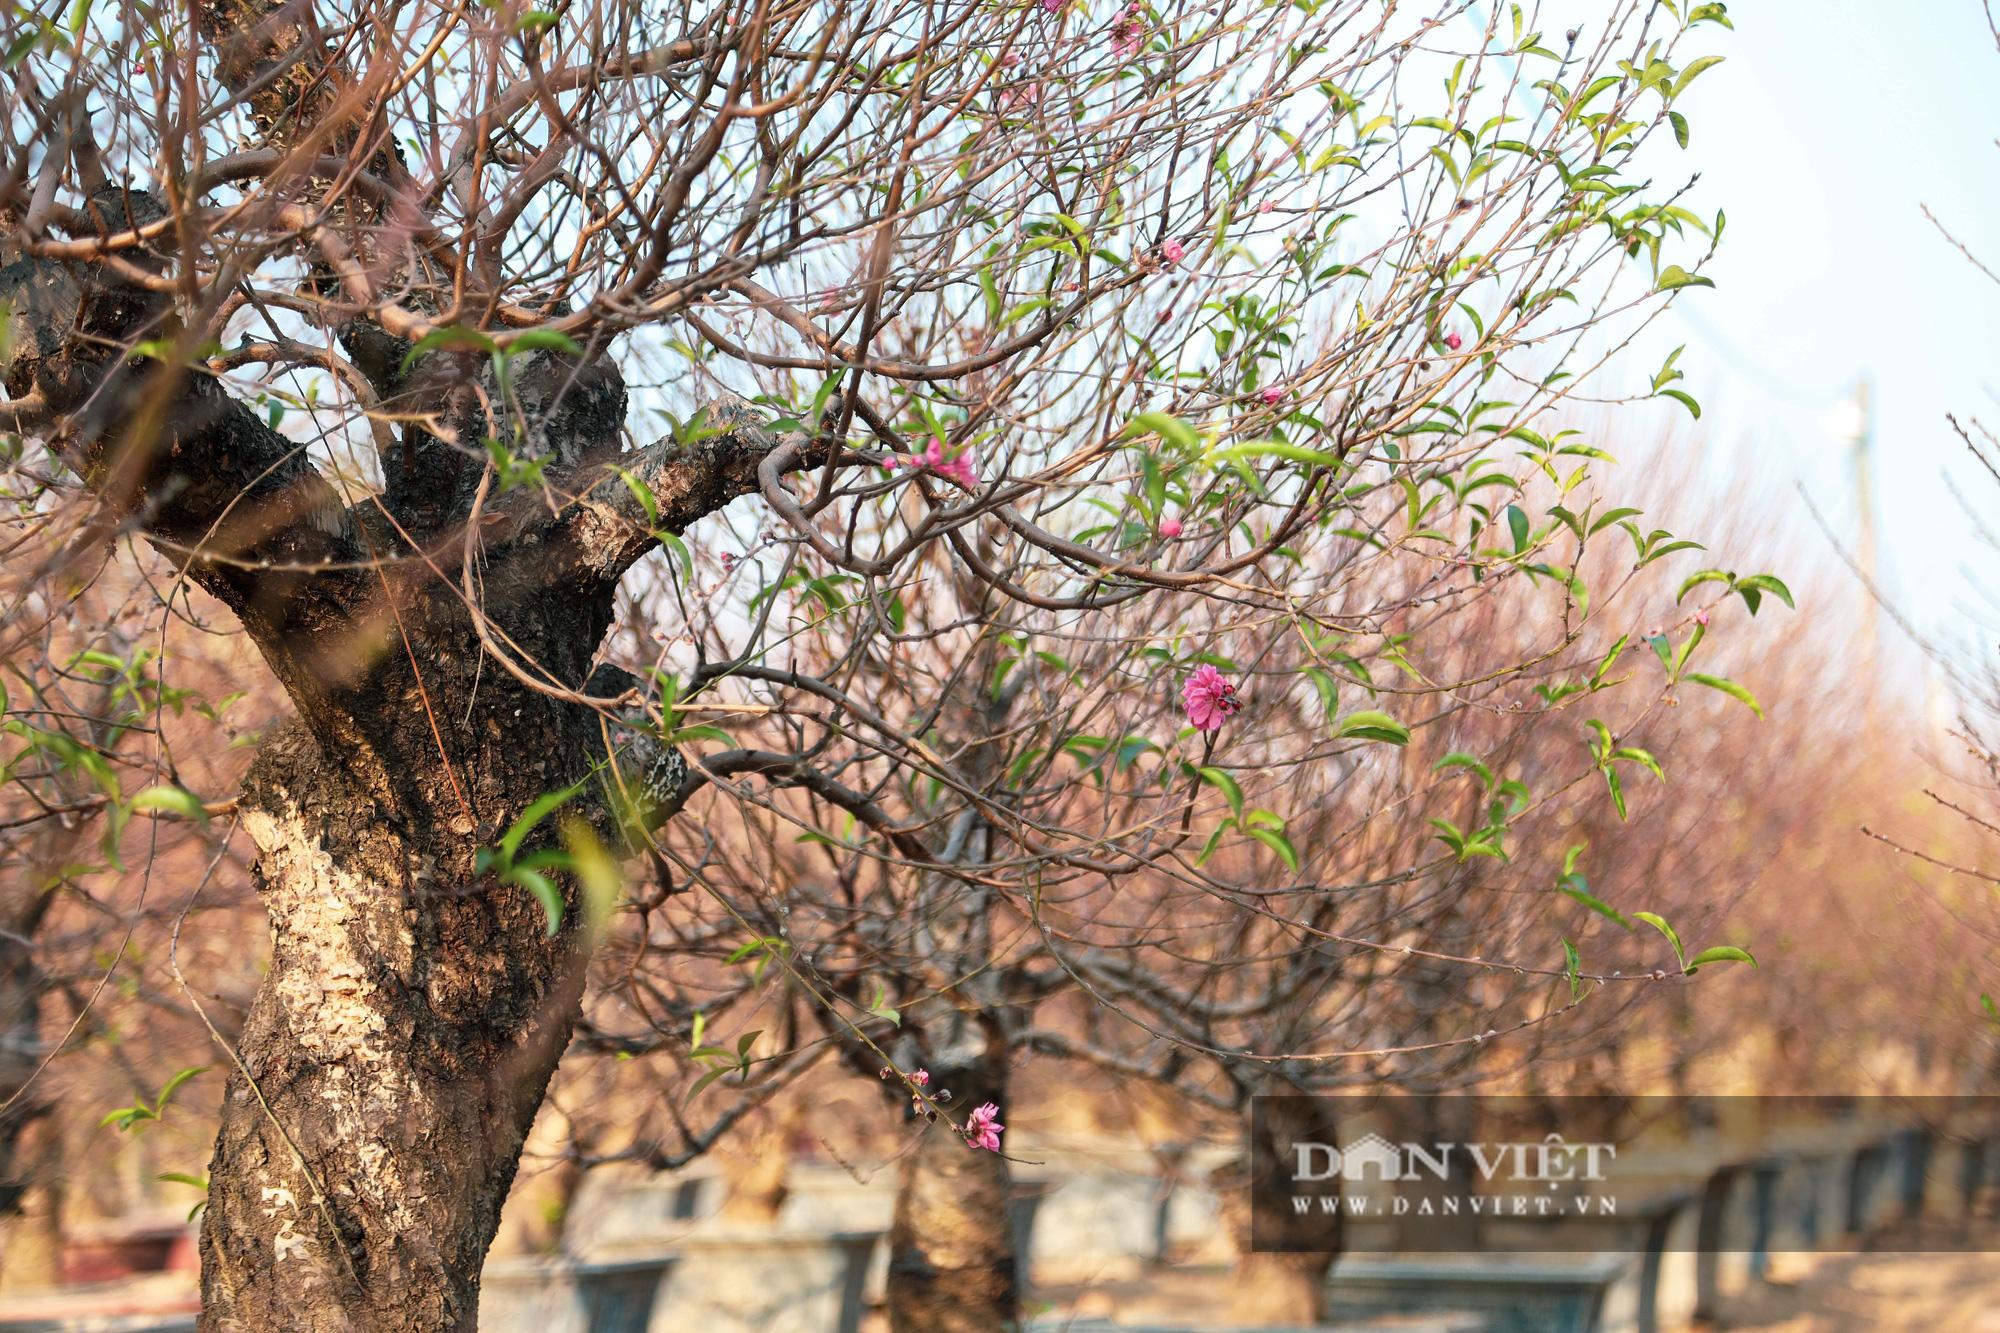 Người Hà Nội nô nức chụp ảnh check-in hoa đào từ Tết Dương lịch - Ảnh 9.